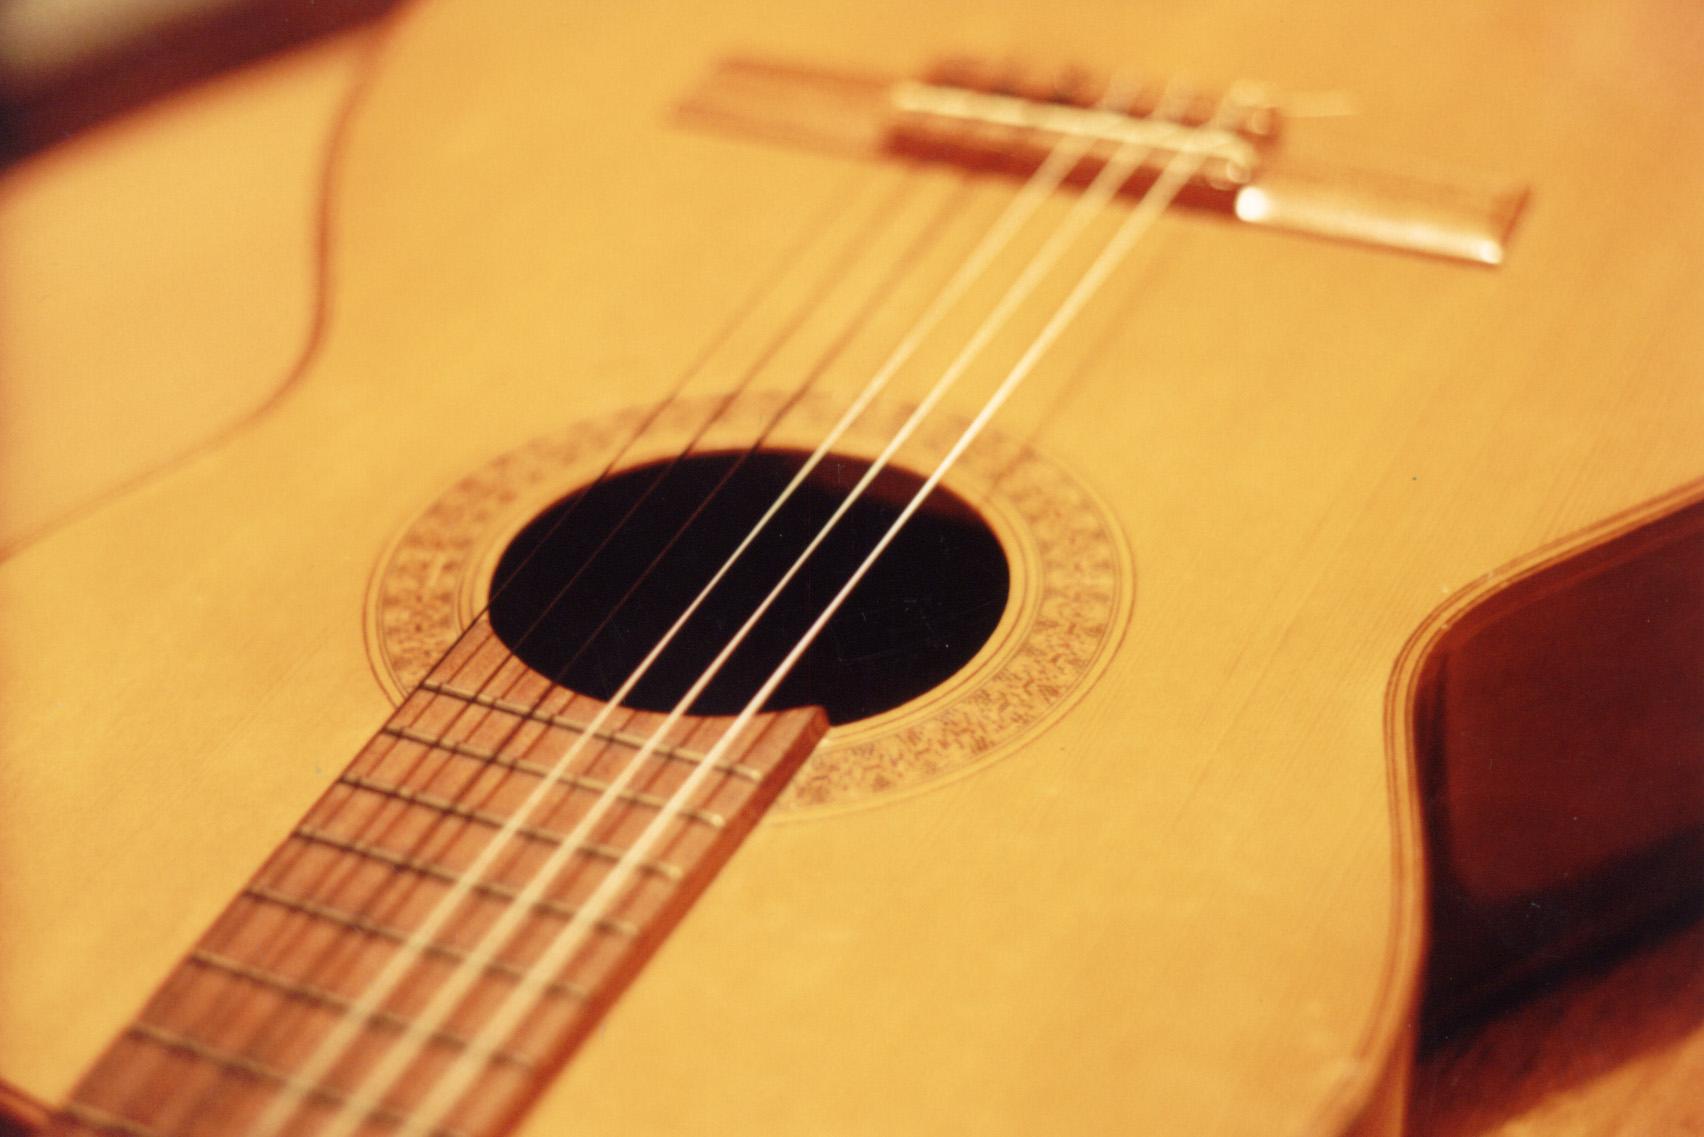 chitarre strumenti musicali prina milano